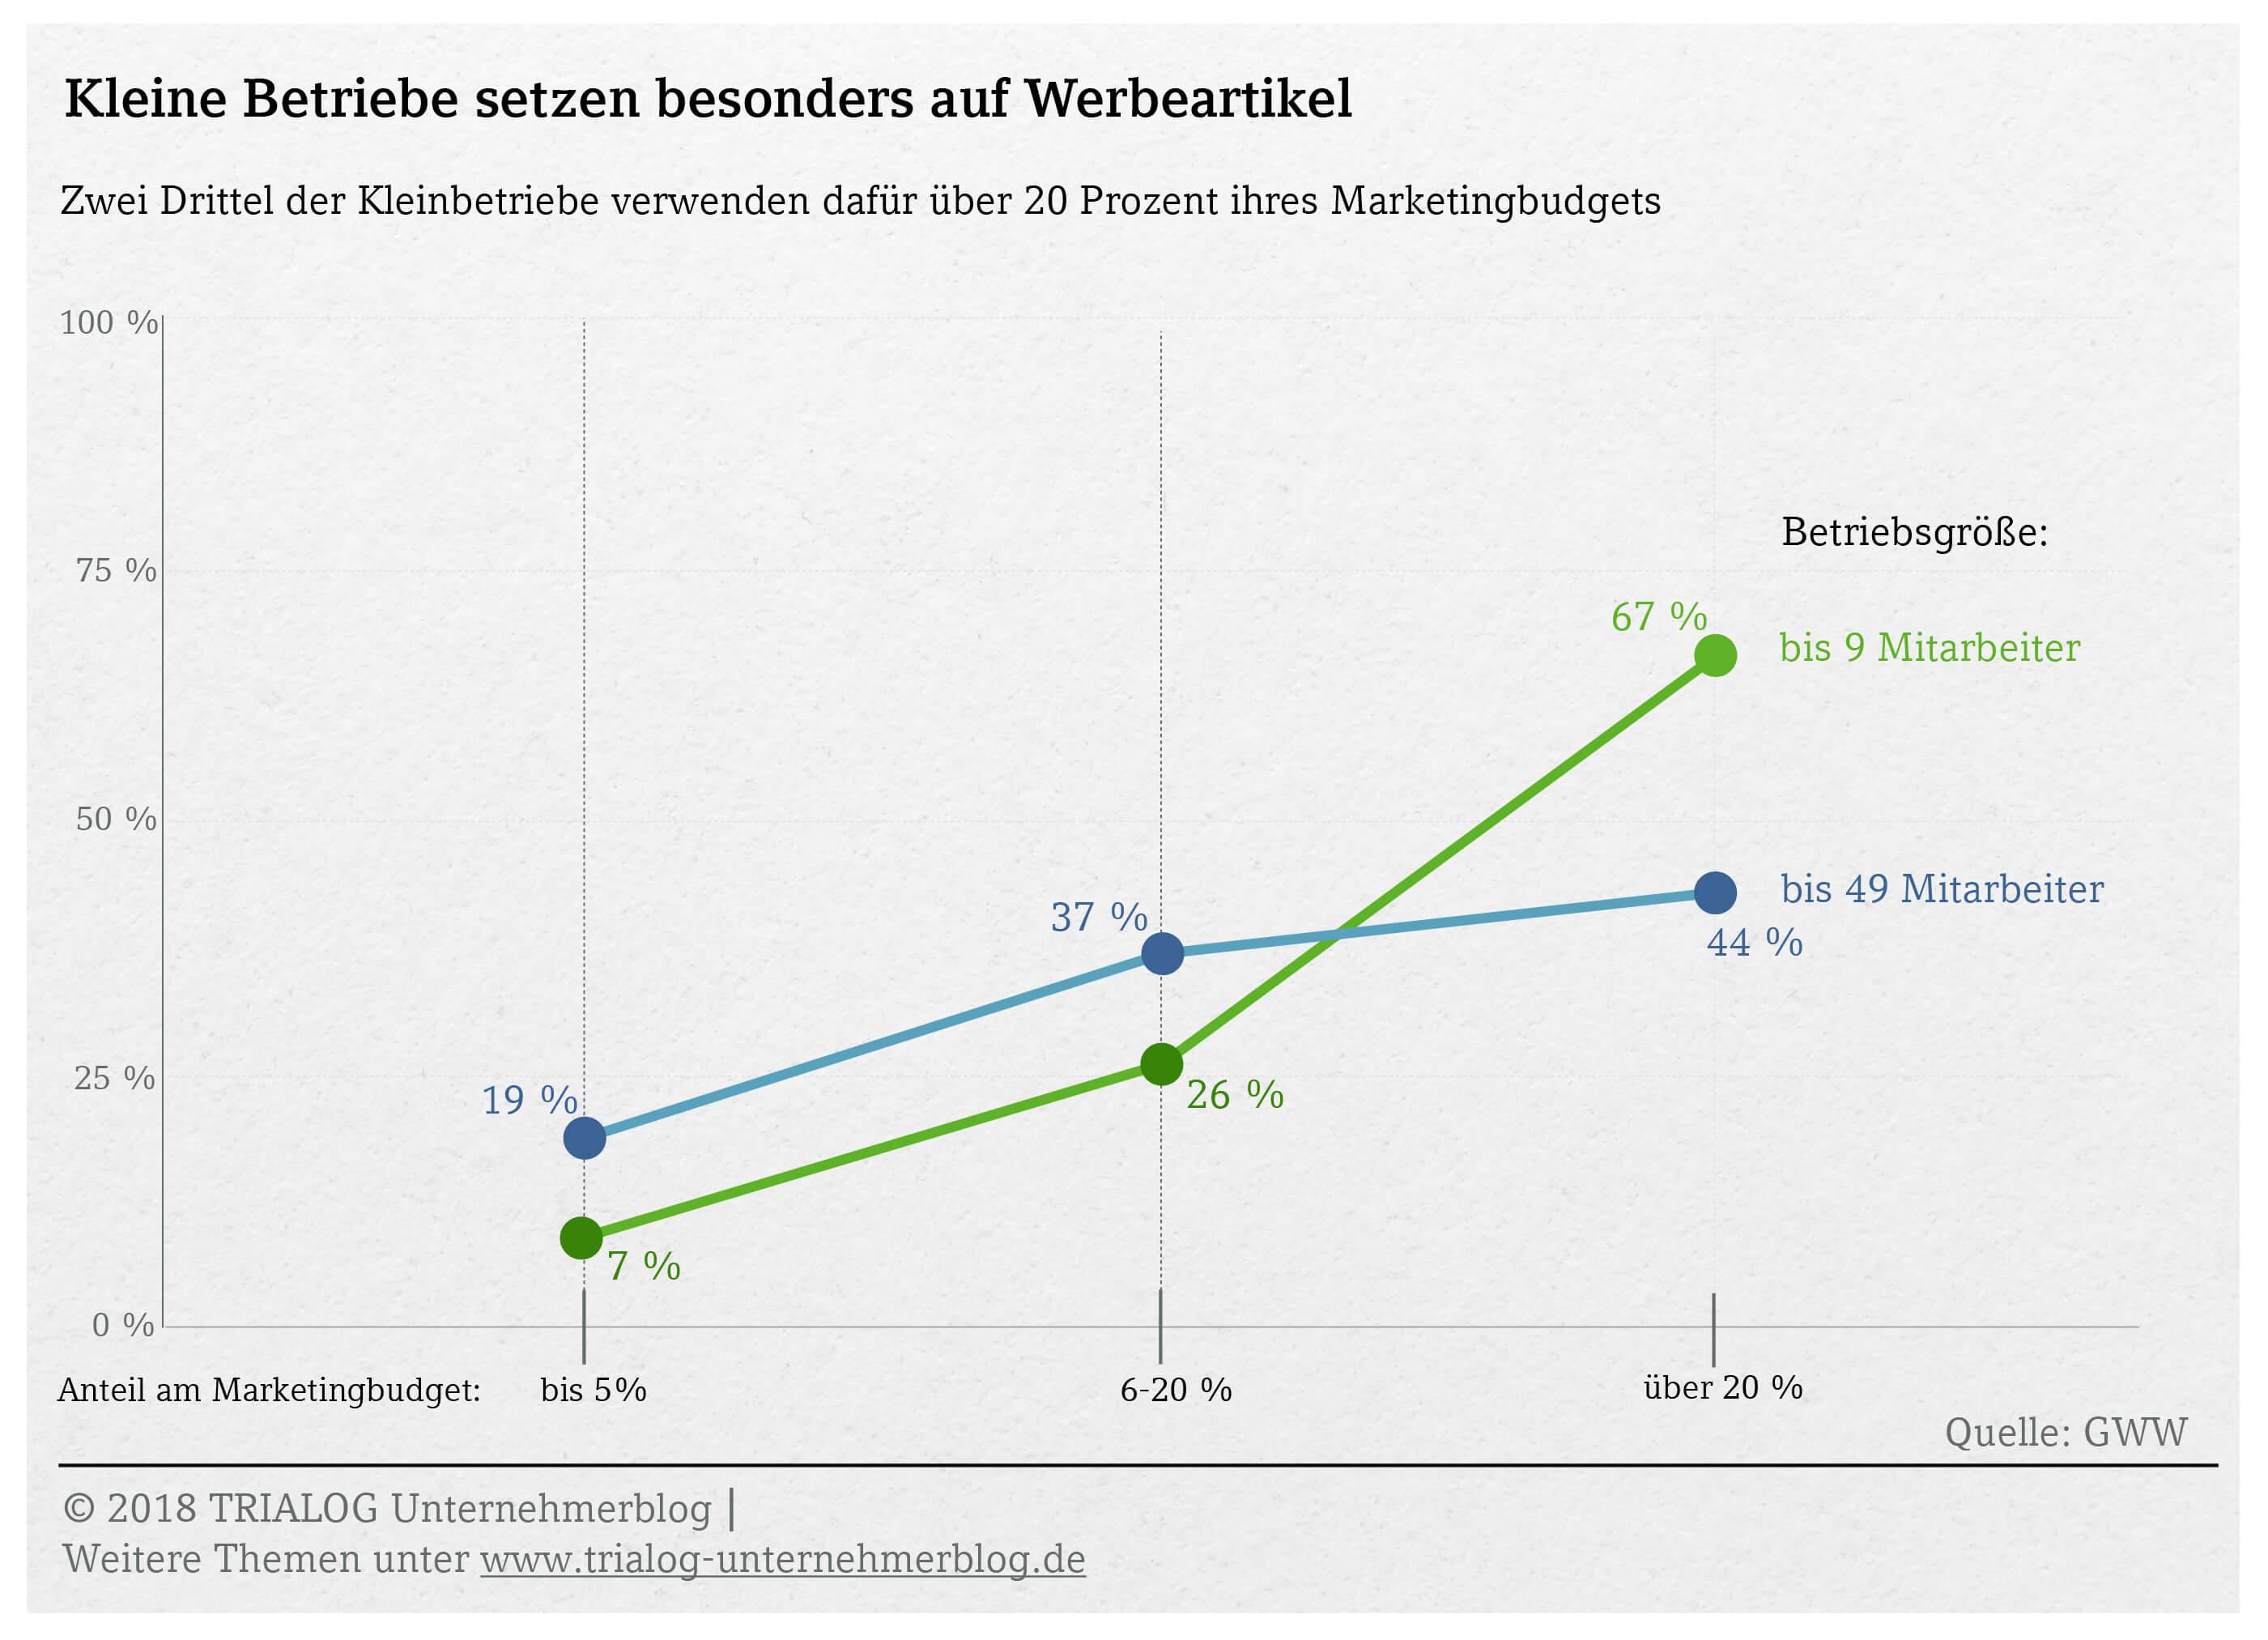 Grafik Kleine Betriebe geben mehr als 20 Prozent des Marketingbudgets für Werbeartikel aus